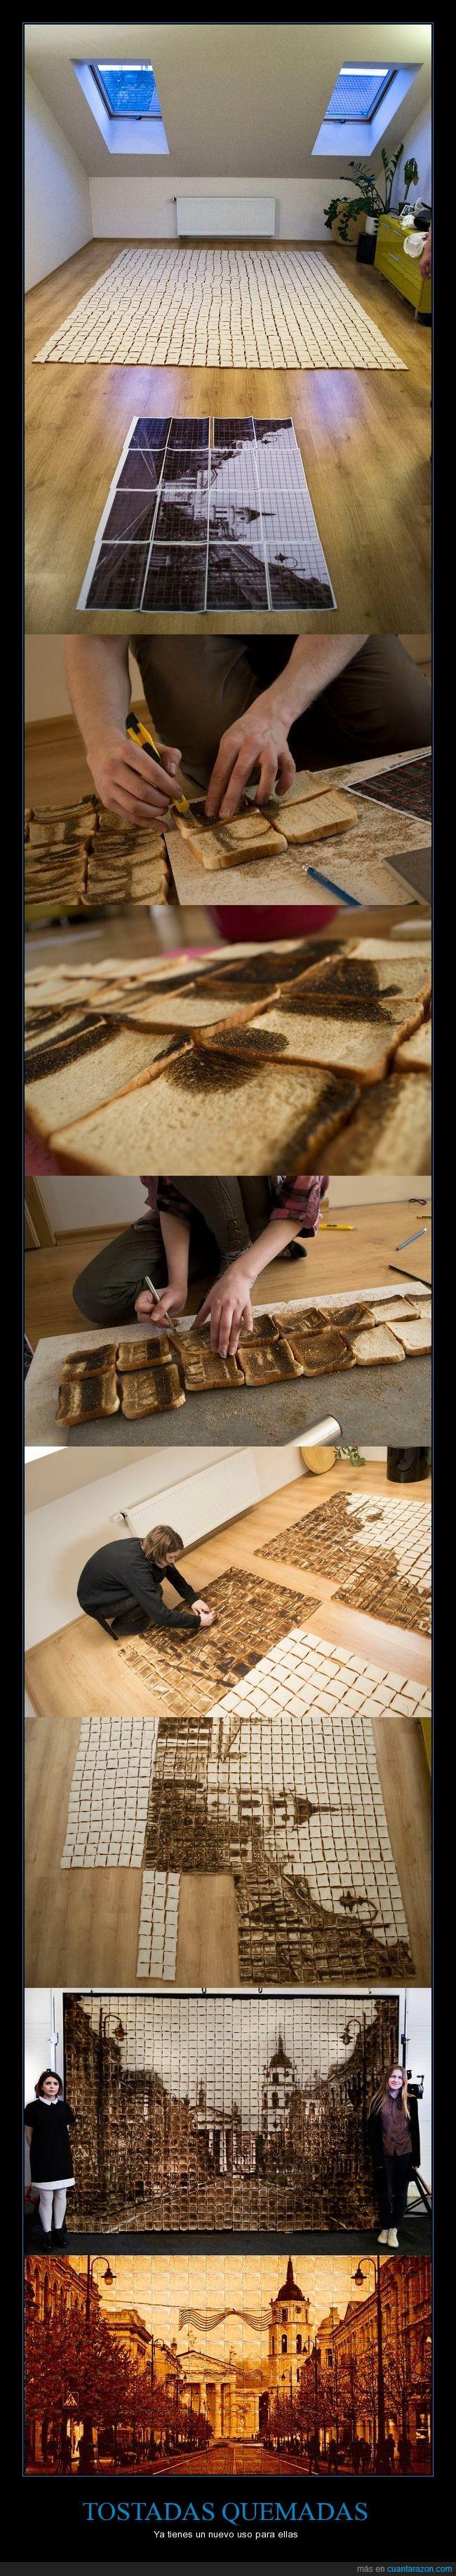 arte,cuadro,montaje,tostadas